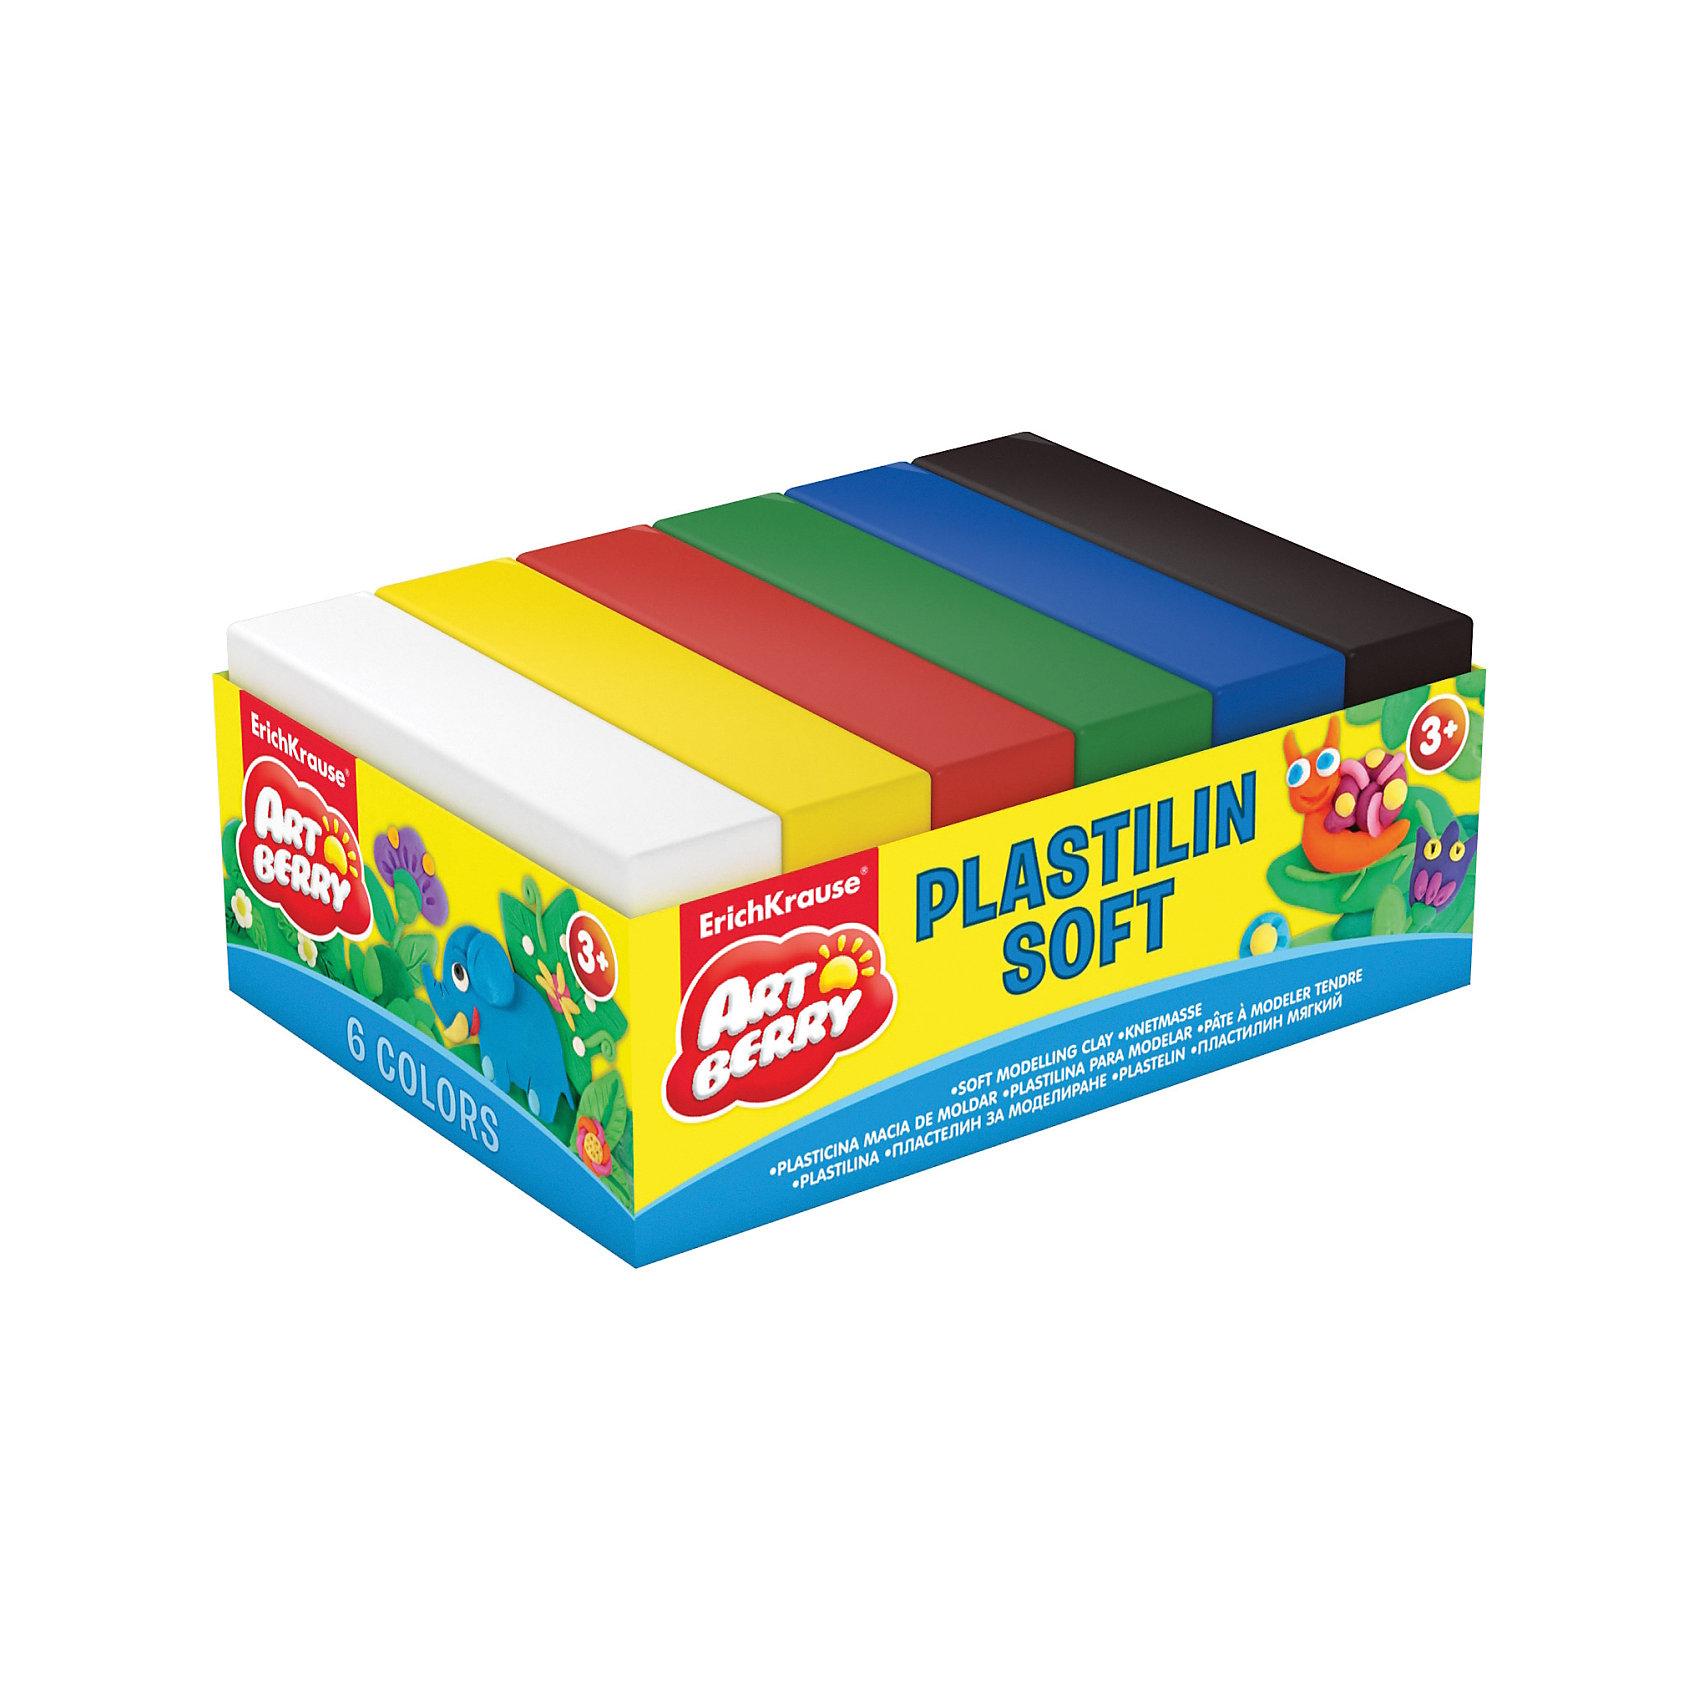 Erich Krause Пластилин мягкий Artberry 6 цветов 300г, картонный поддонРисование и лепка<br>Характеристики товара:<br><br>• в комплекте: 6 брусочков пластилина;<br>• цвета: белый, желтый, красный, зеленый, синий, черный;<br>• размер брусочка: 7х3,7х1,5 см;<br>• вес брусочка: 50 грамм;<br>• размер упаковки: 1,5х6х12 см;<br>• вес: 320 грамм;<br>• возраст: от 3 лет.<br><br>Пластилин ArtBerry изготовлен из натуральных компонентов, поэтому использовать его могут и самые маленькие скульпторы. В набор входят  шесть брусочков пластилина ярких цветов. <br><br>Цвета подходят для смешивании и создания новых оттенков. Брусочки пластилина отличаются хорошей пластичностью, не липнут к рукам и столу, быстро обретают желаемую форму.<br><br>Erich Krause (Эрих Краузе) Пластилин мягкий ArtBerry 6 цветов 300г, картонный поддон можно купить в нашем интернет-магазине.<br><br>Ширина мм: 120<br>Глубина мм: 60<br>Высота мм: 15<br>Вес г: 320<br>Возраст от месяцев: 36<br>Возраст до месяцев: 72<br>Пол: Унисекс<br>Возраст: Детский<br>SKU: 6878842